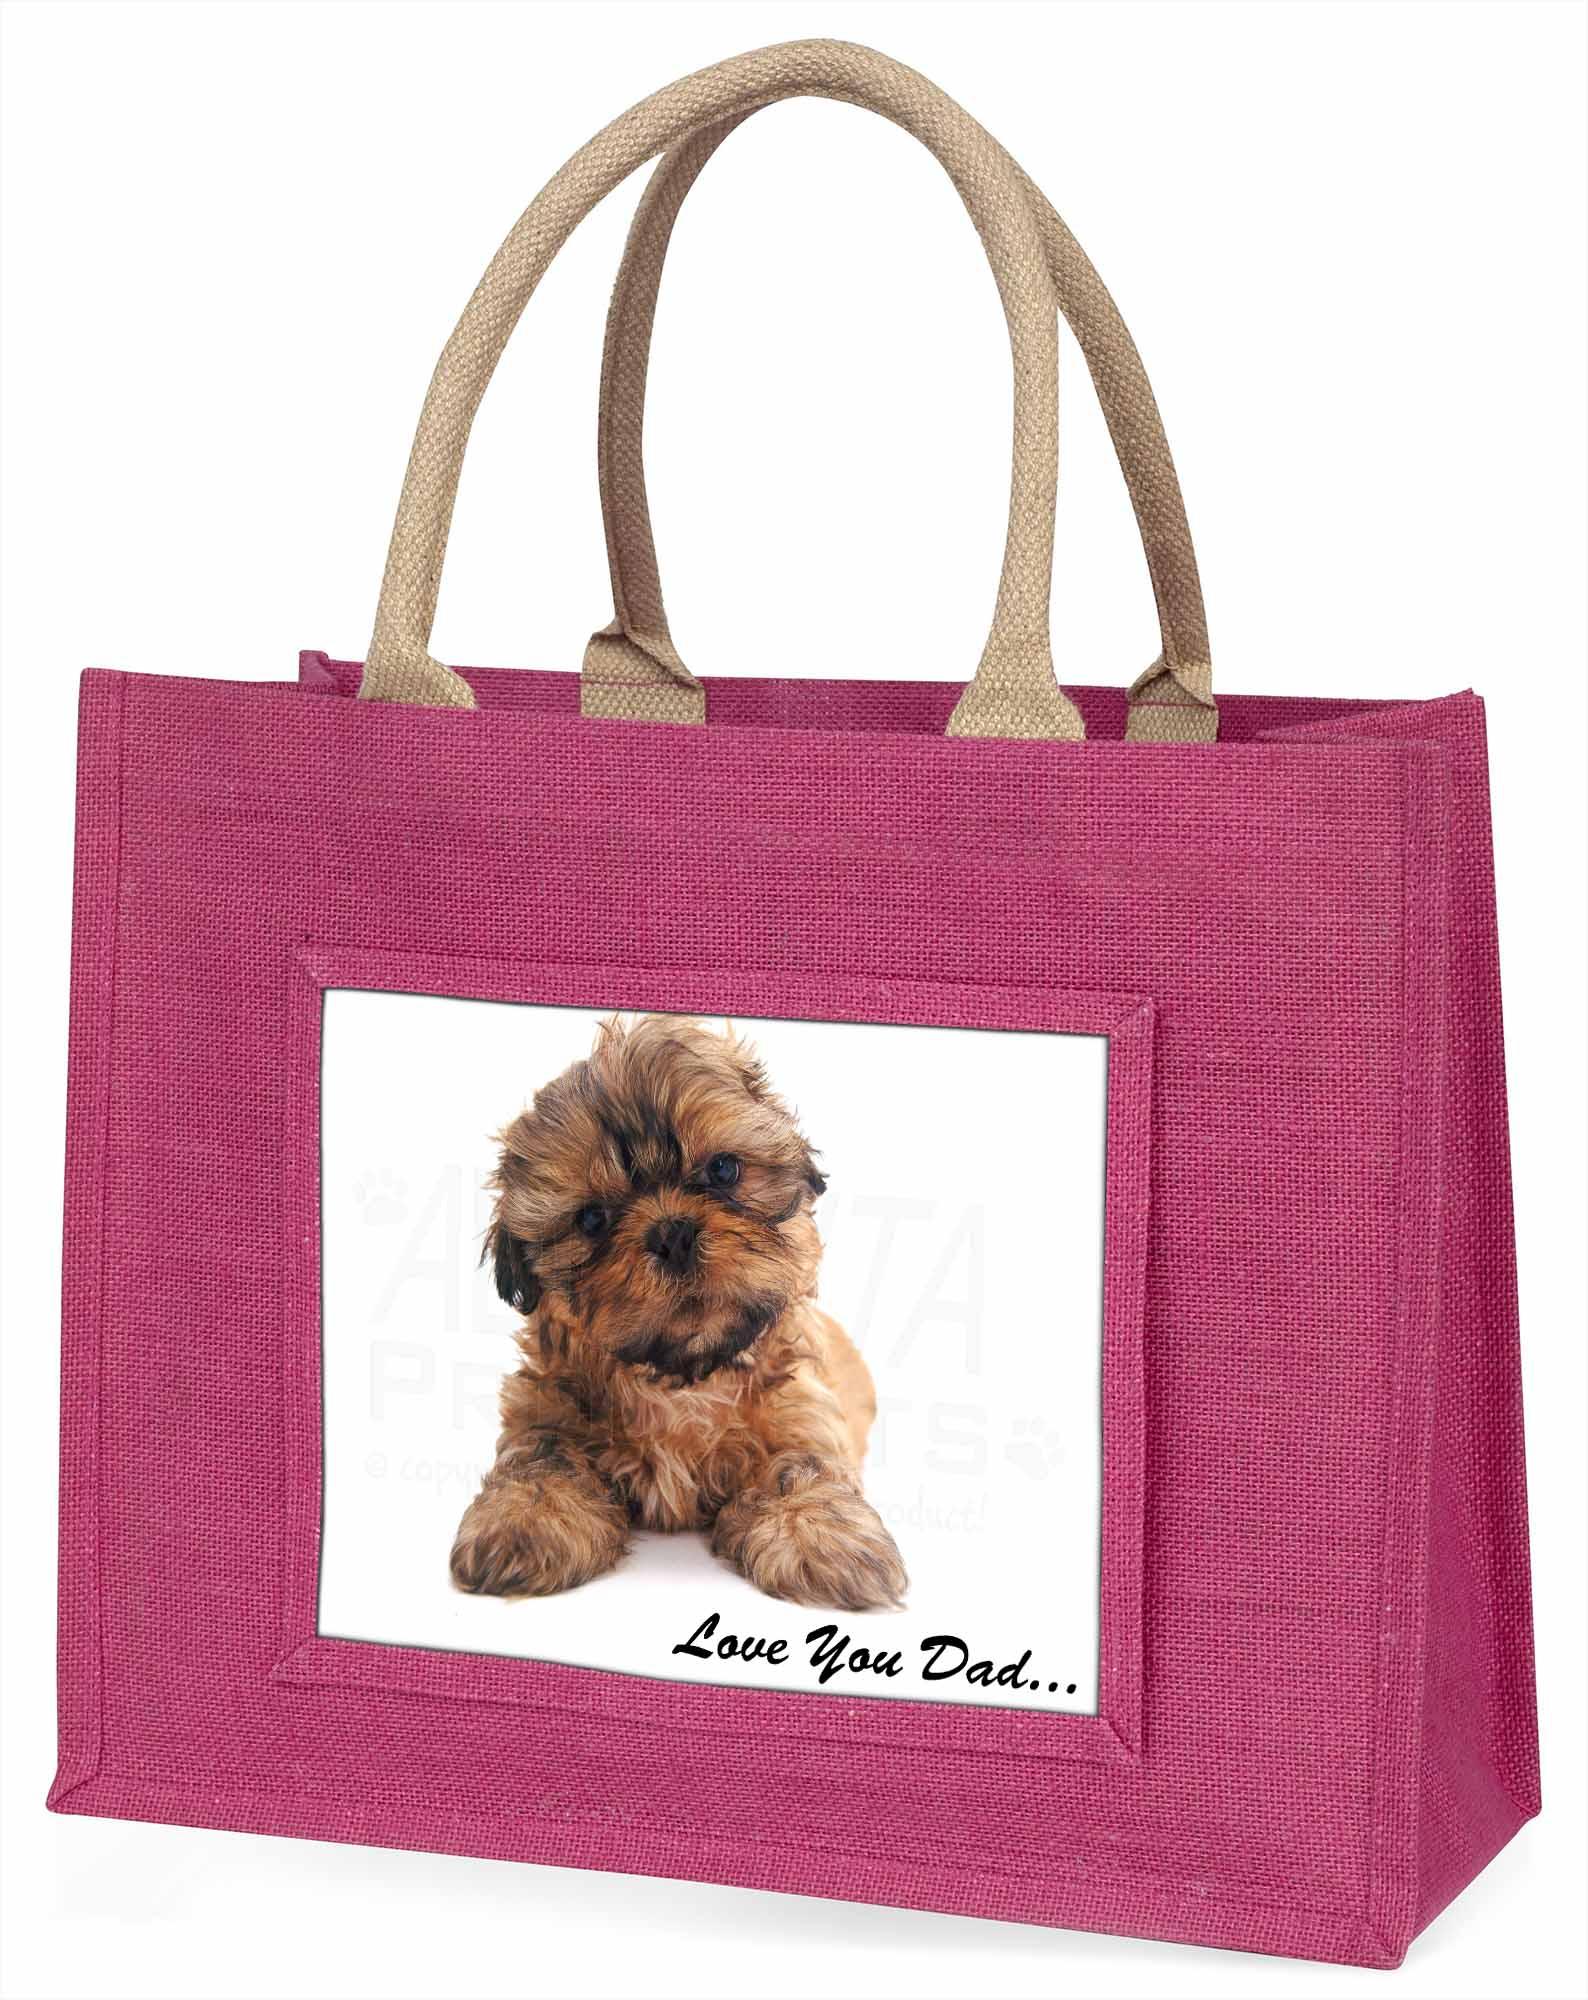 Shih-tzu Hund' liebe Dich Papa' große rosa Einkaufstasche WEIHNACHTEN Presen,